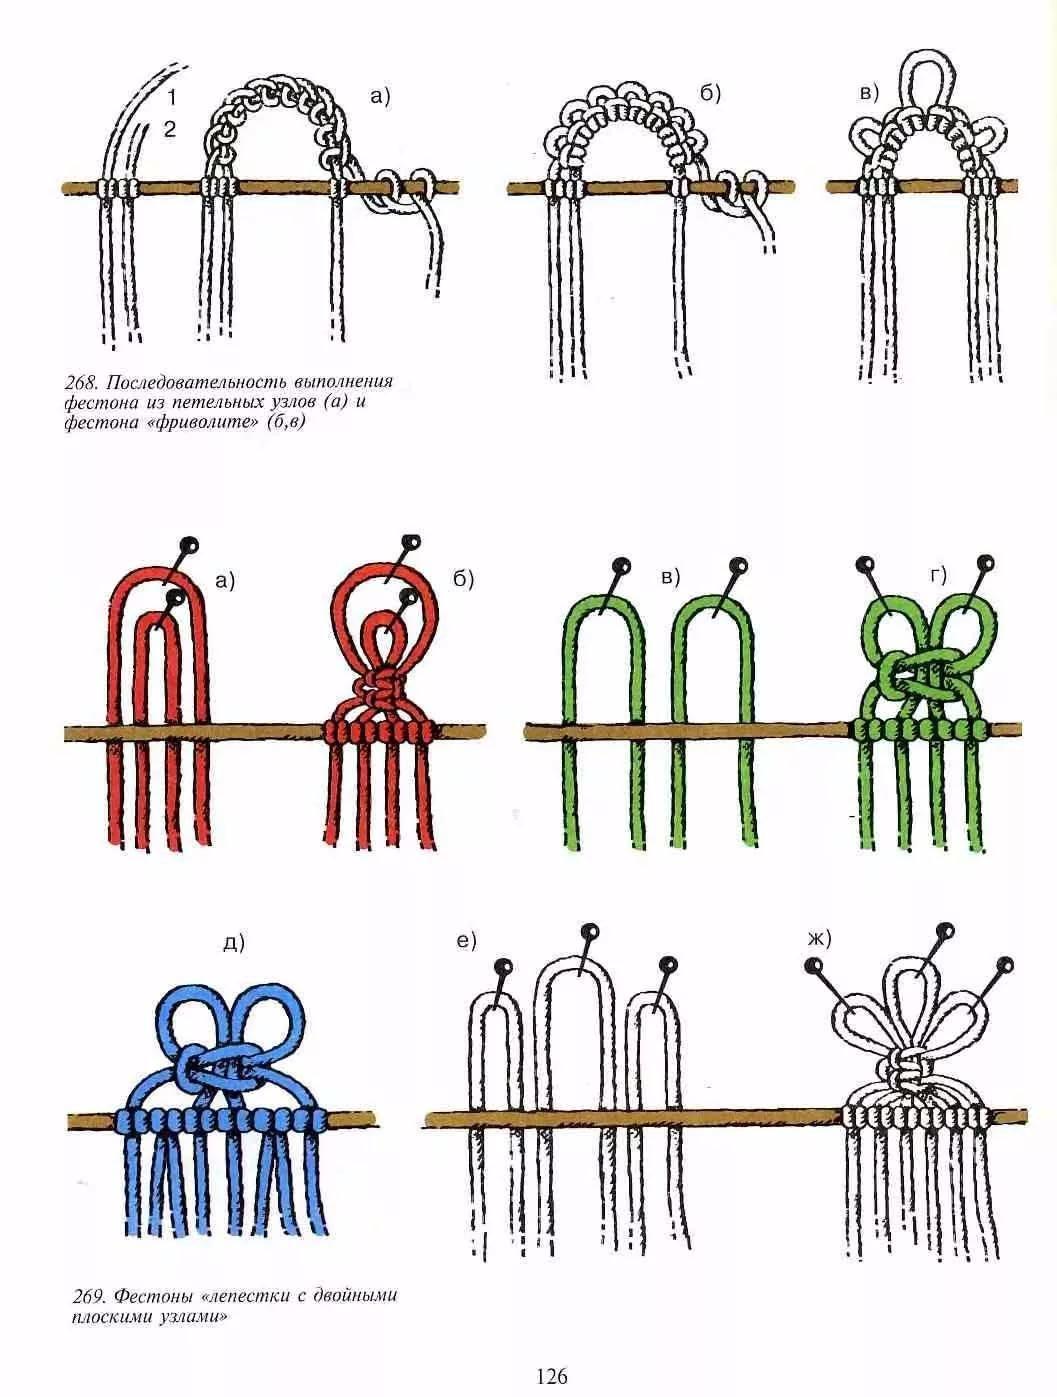 Браслеты макраме за 10 минут — схемы плетения для начинающих | megapoisk.com